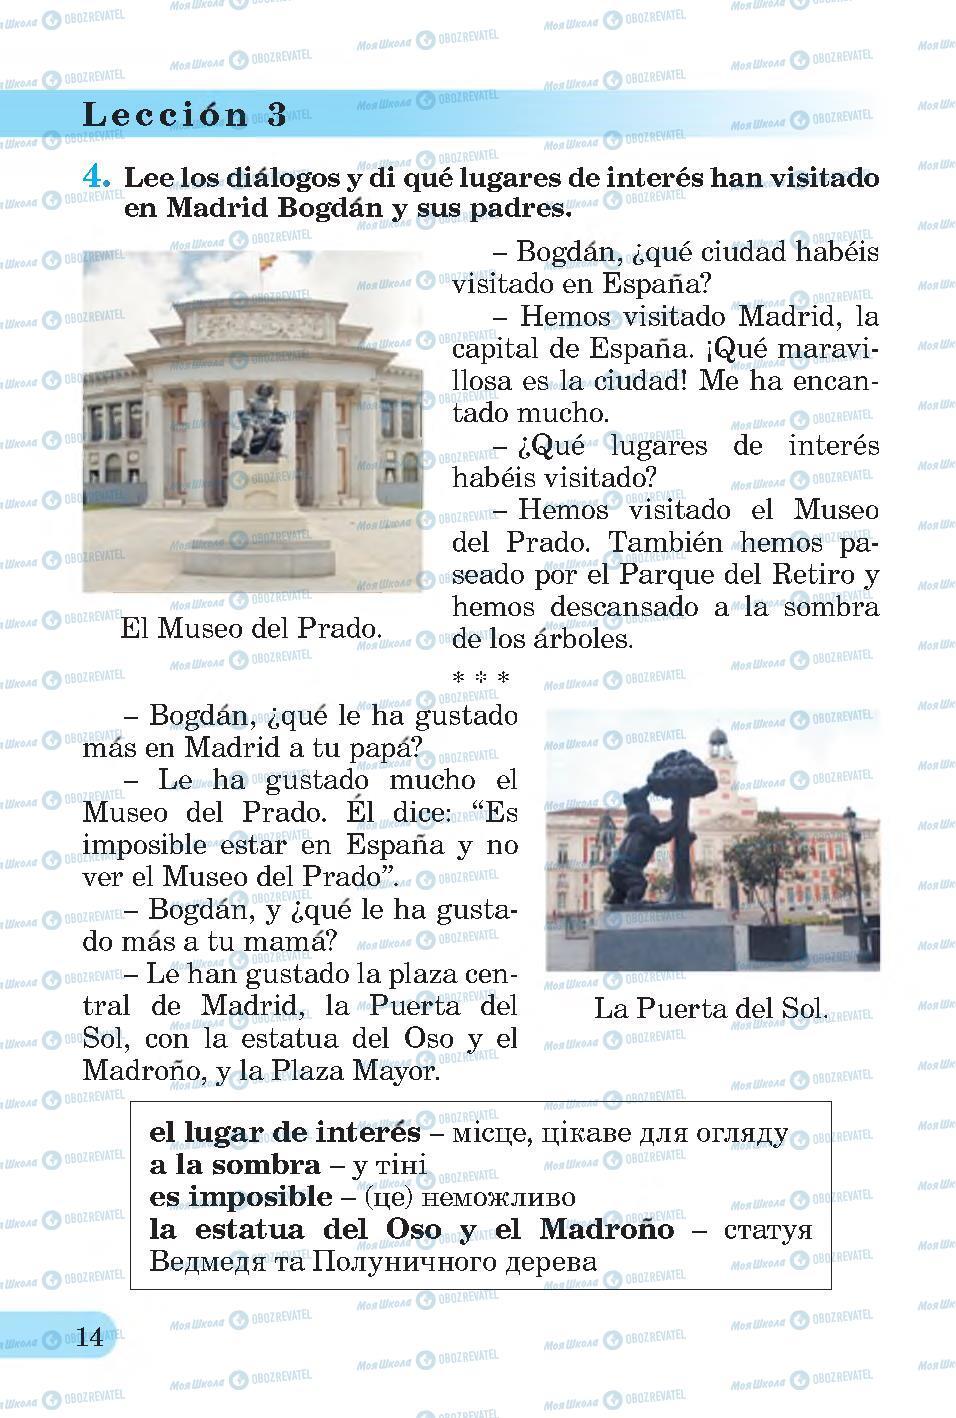 Підручники Іспанська мова 4 клас сторінка 14